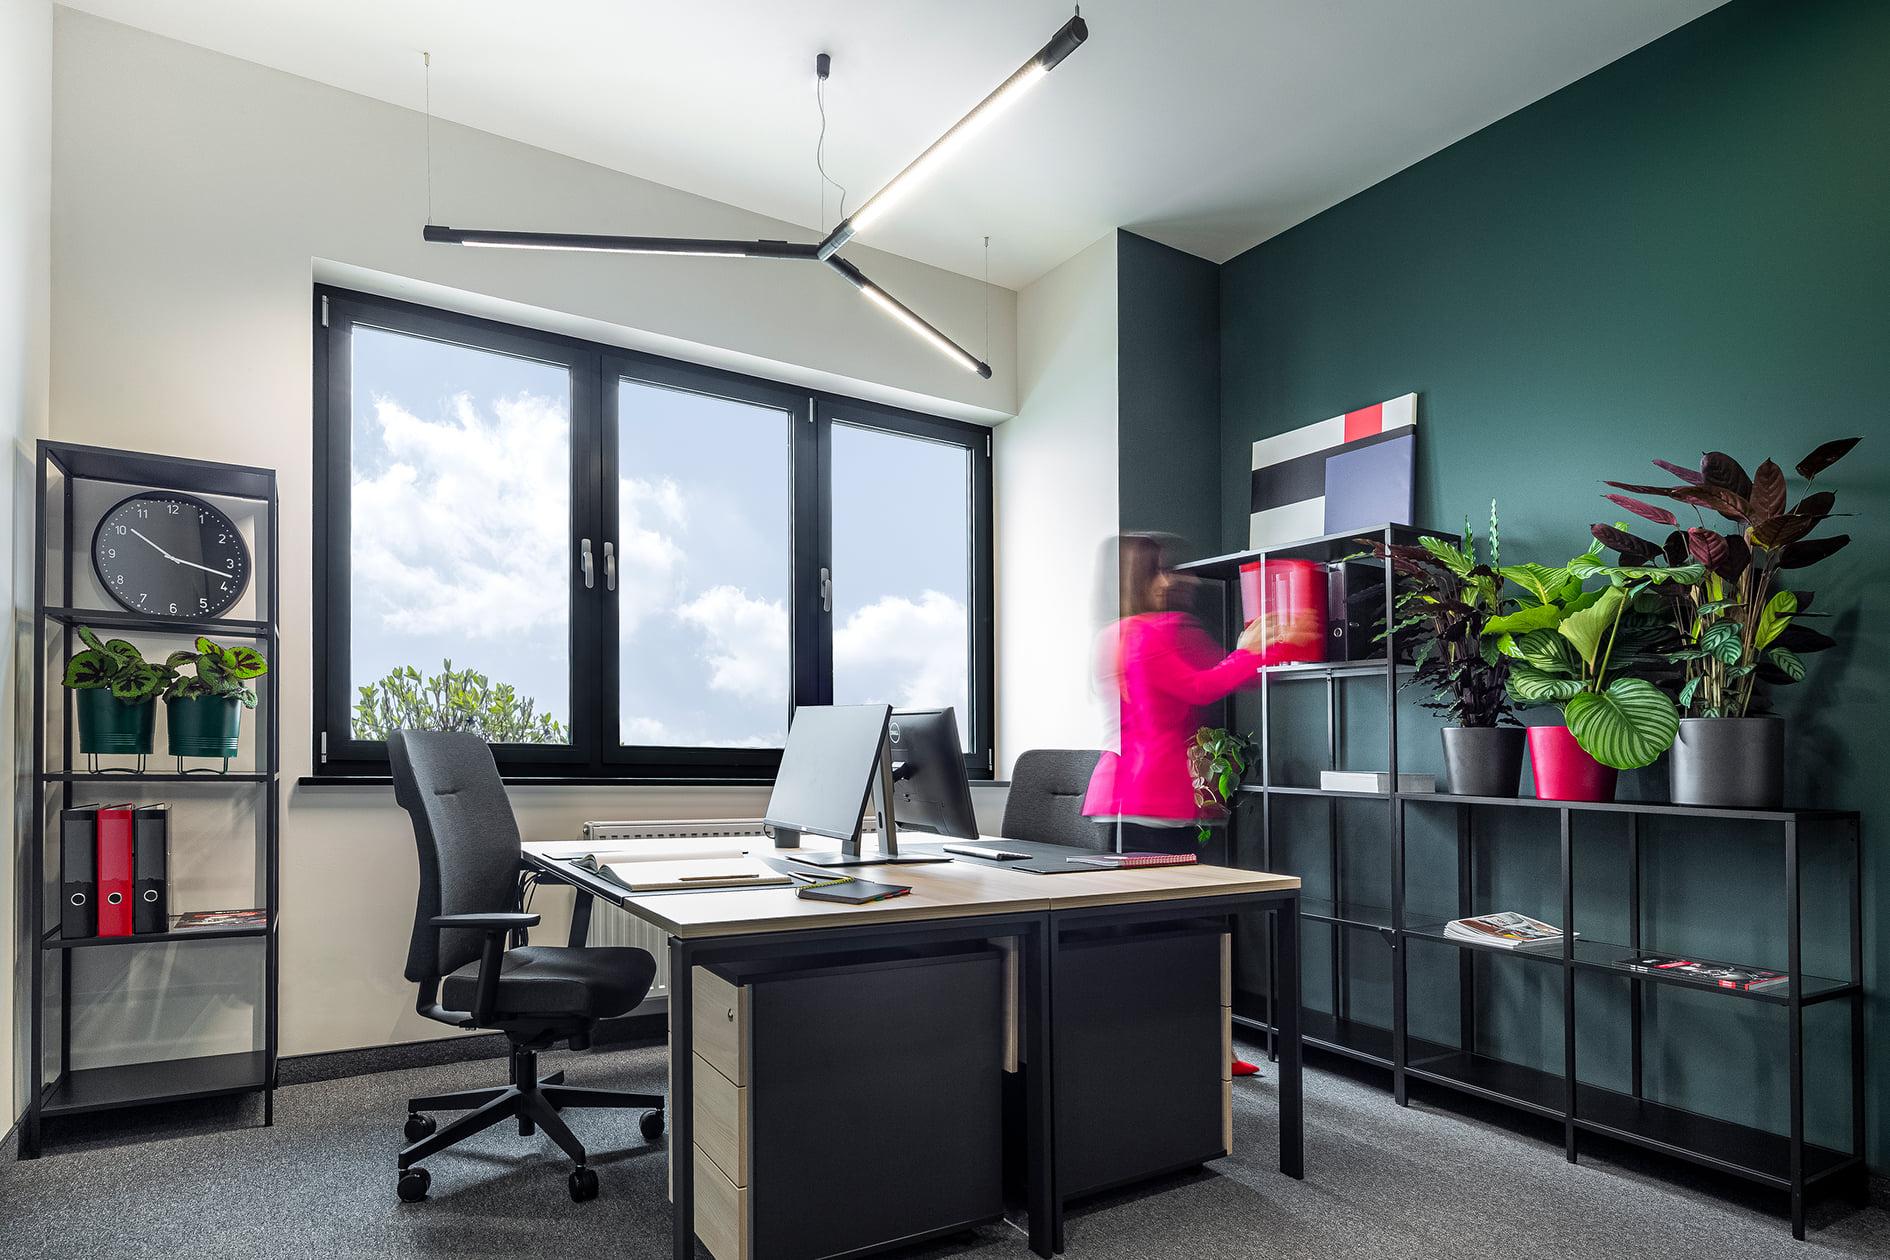 Jak zwiększyć komfort pracy z lampami Lena Lighting?